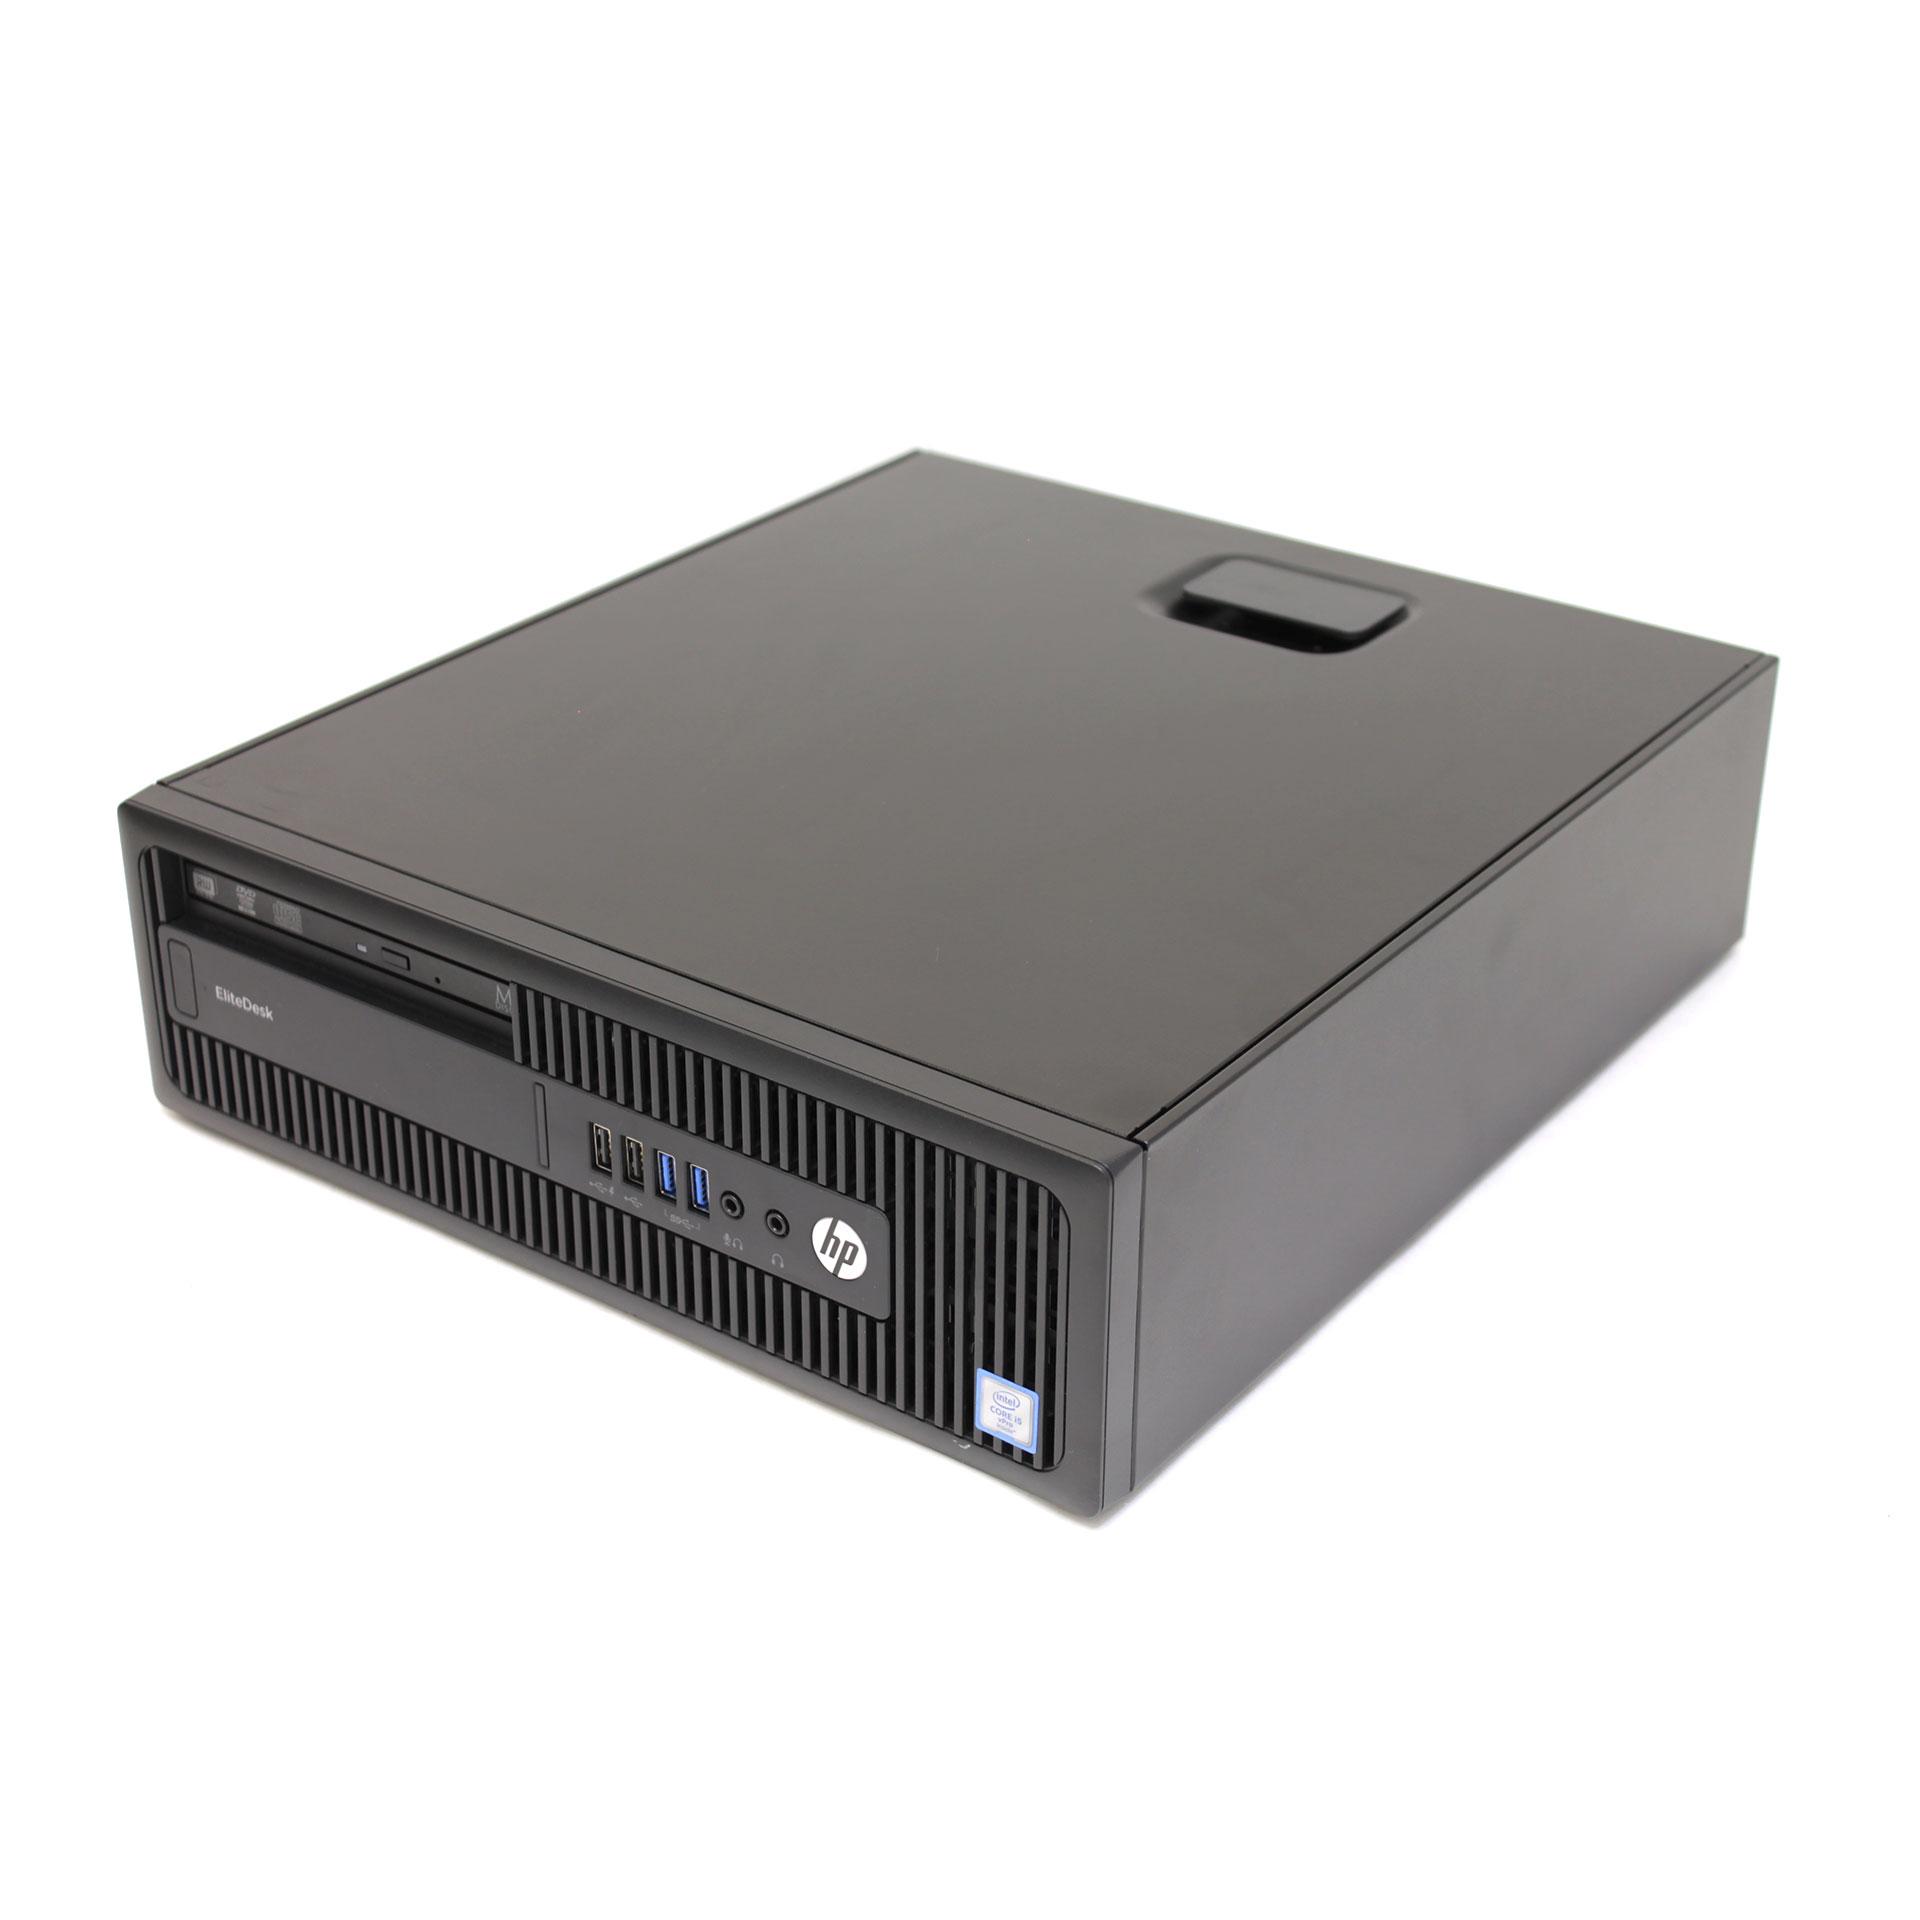 HP EliteDesk 800 G2 SFF Core i5 6500 8GB 128GB SSD W0E36US